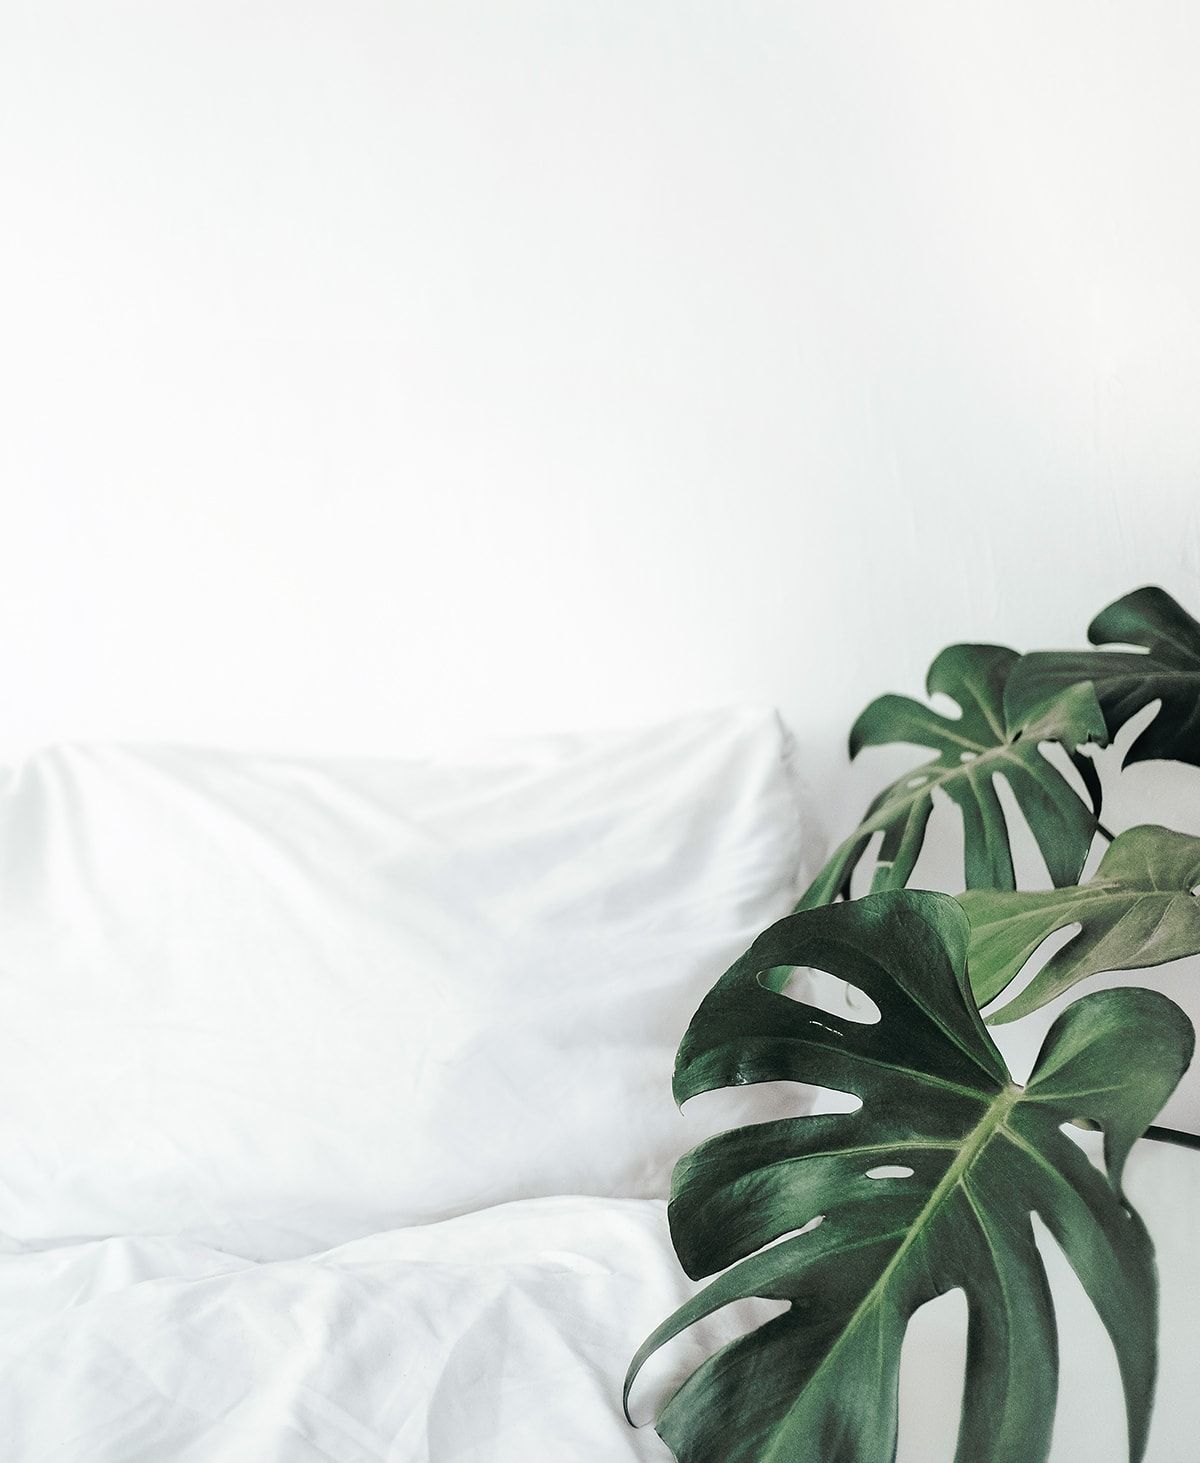 Ausschnitt eines Betts und zwei große Monstera Blätter